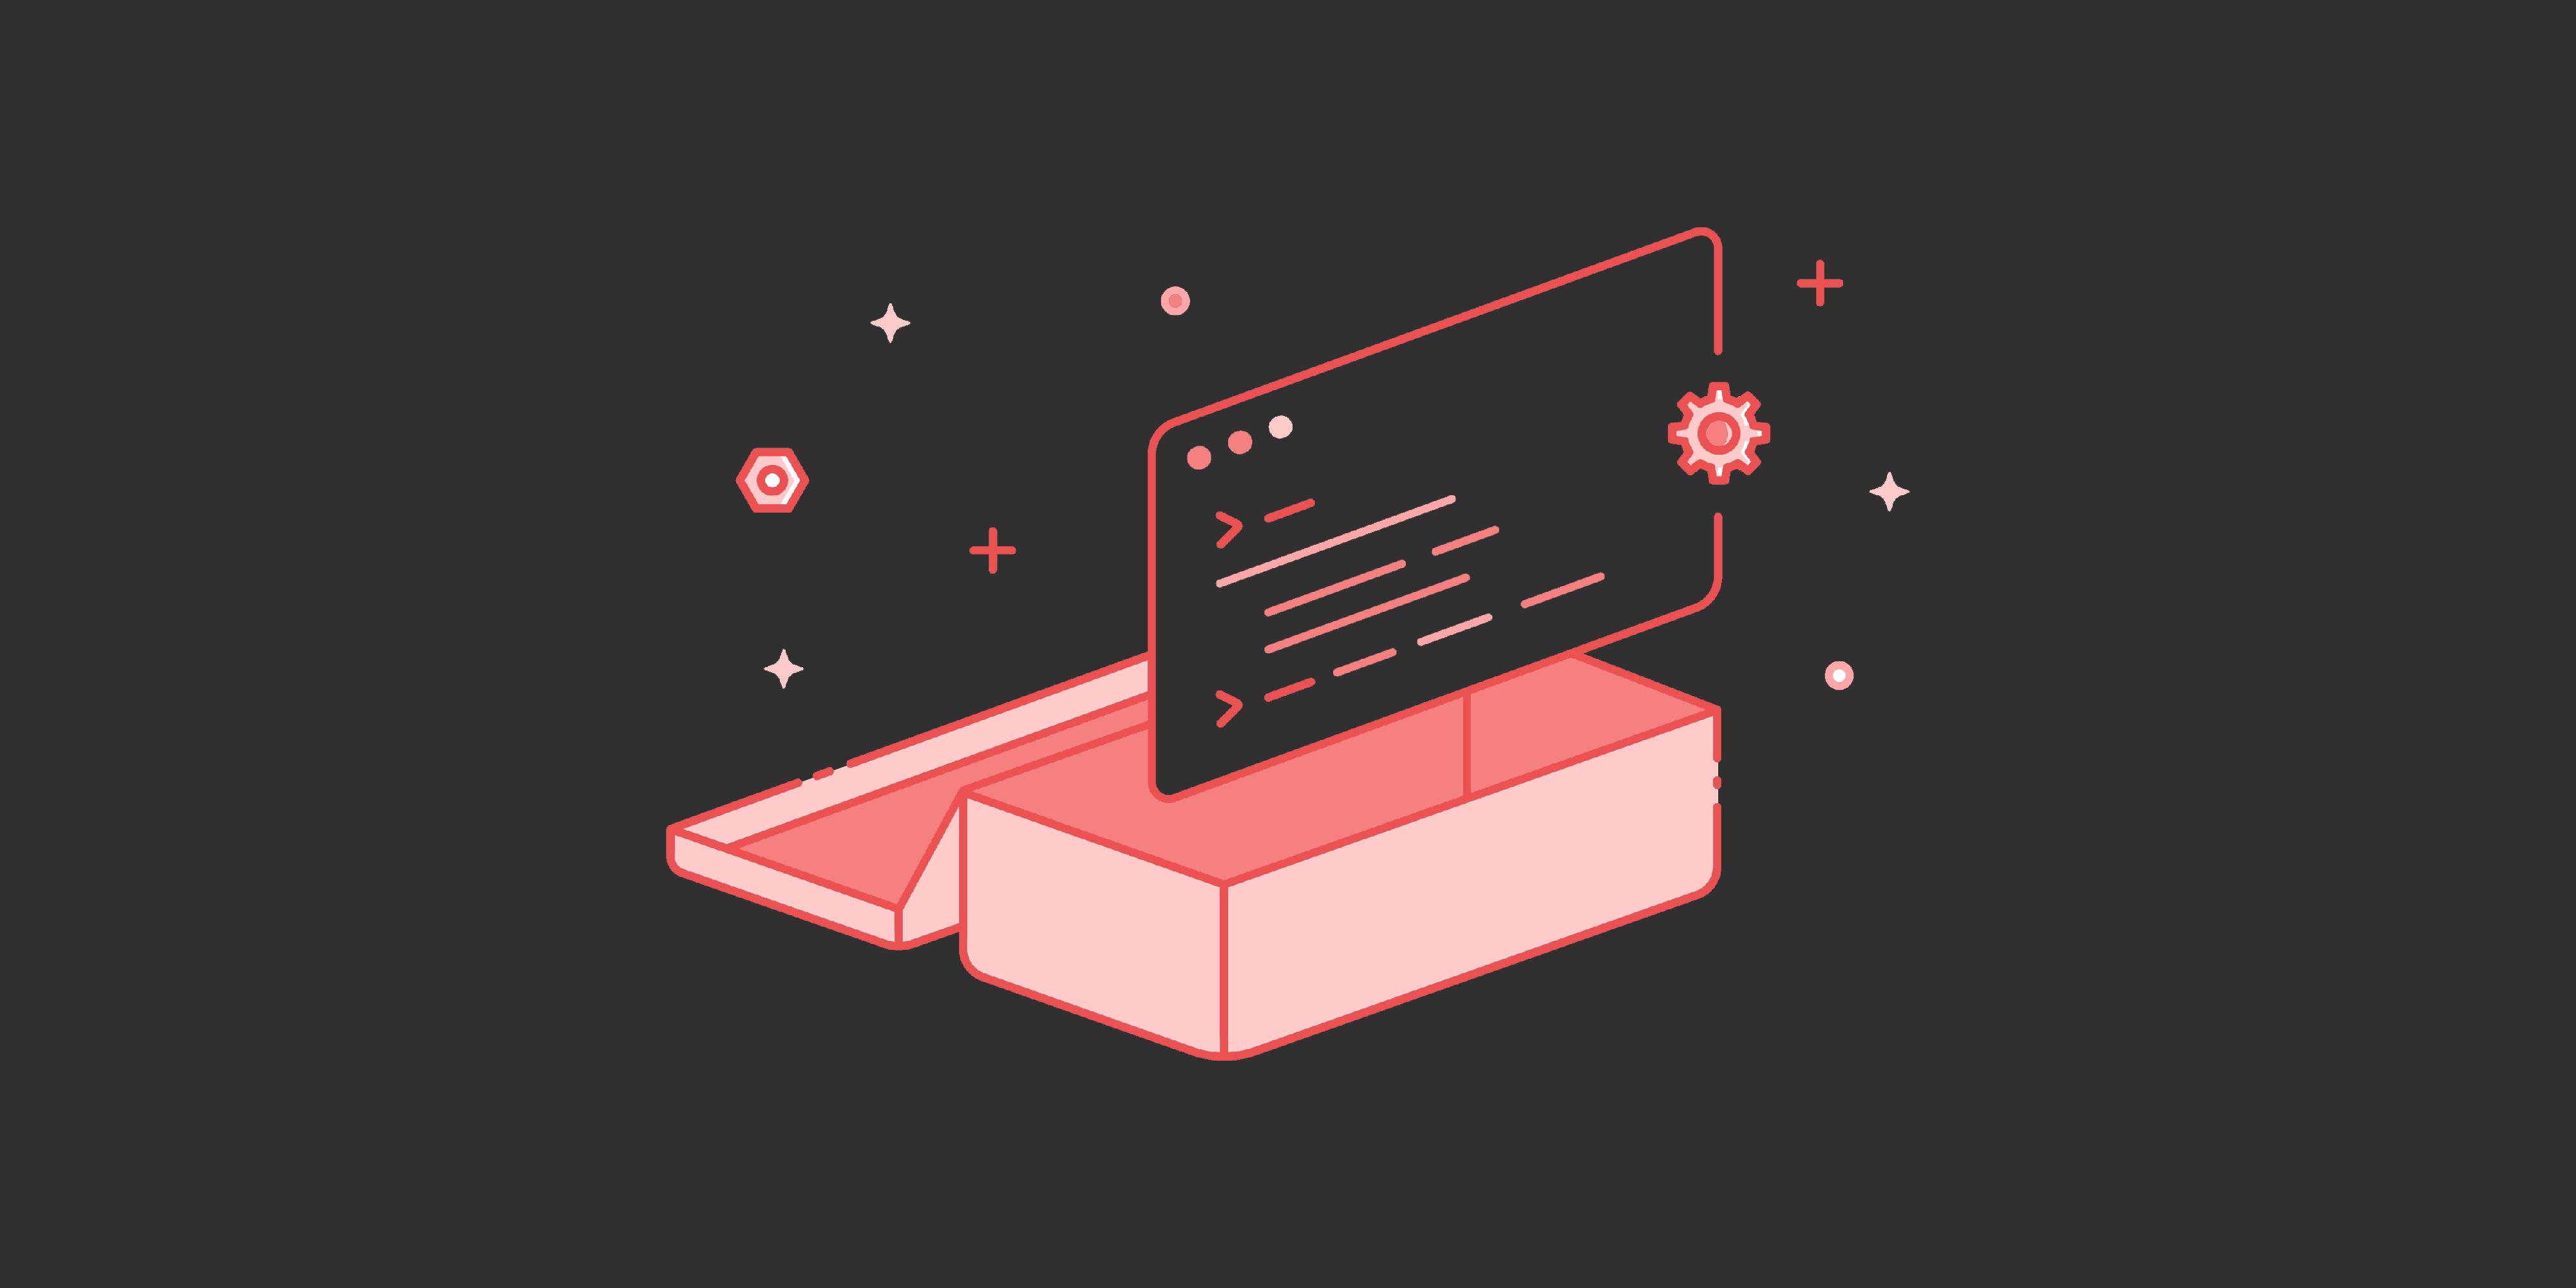 کامندلاین به فرمانِ شما: ۲۰ برنامه کاربردی برای برنامهنویسها